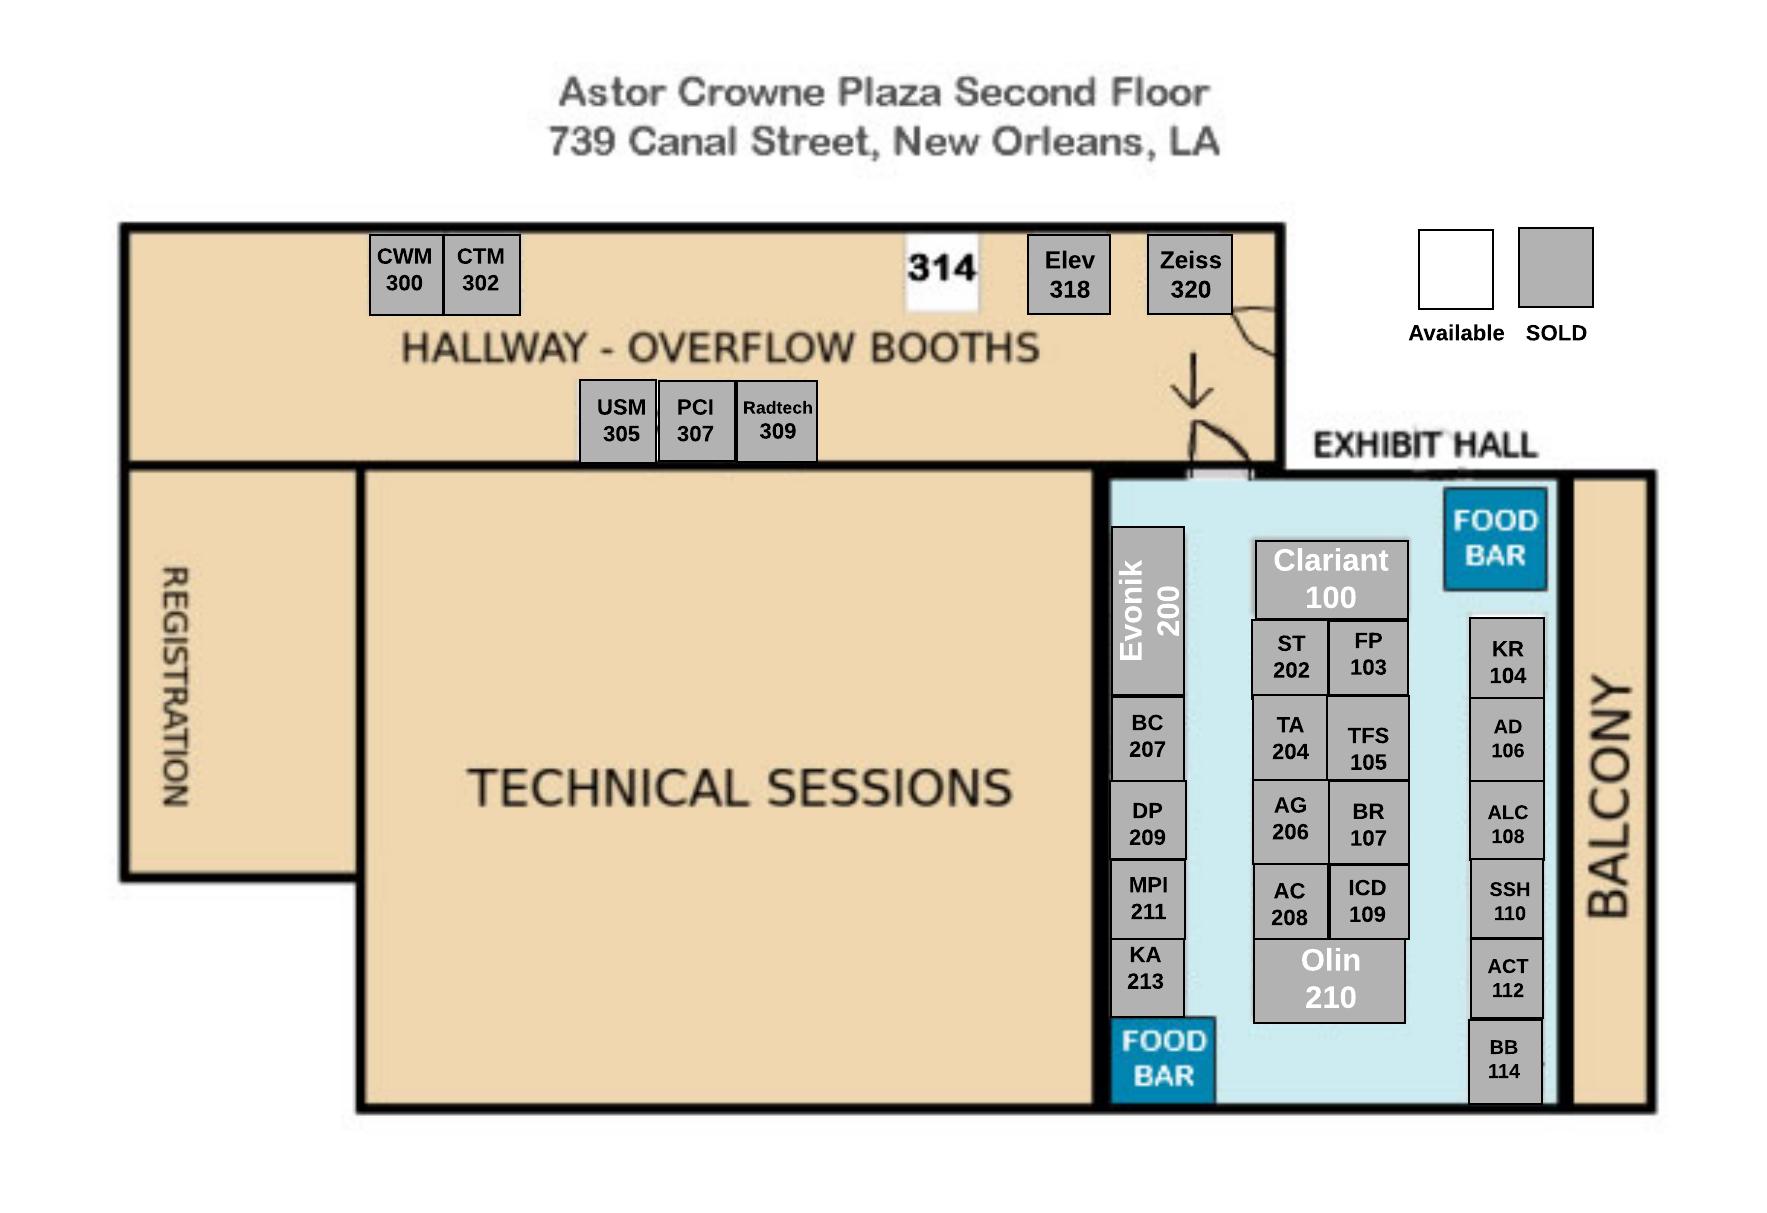 2019 Floor Plan 1-30-19.png